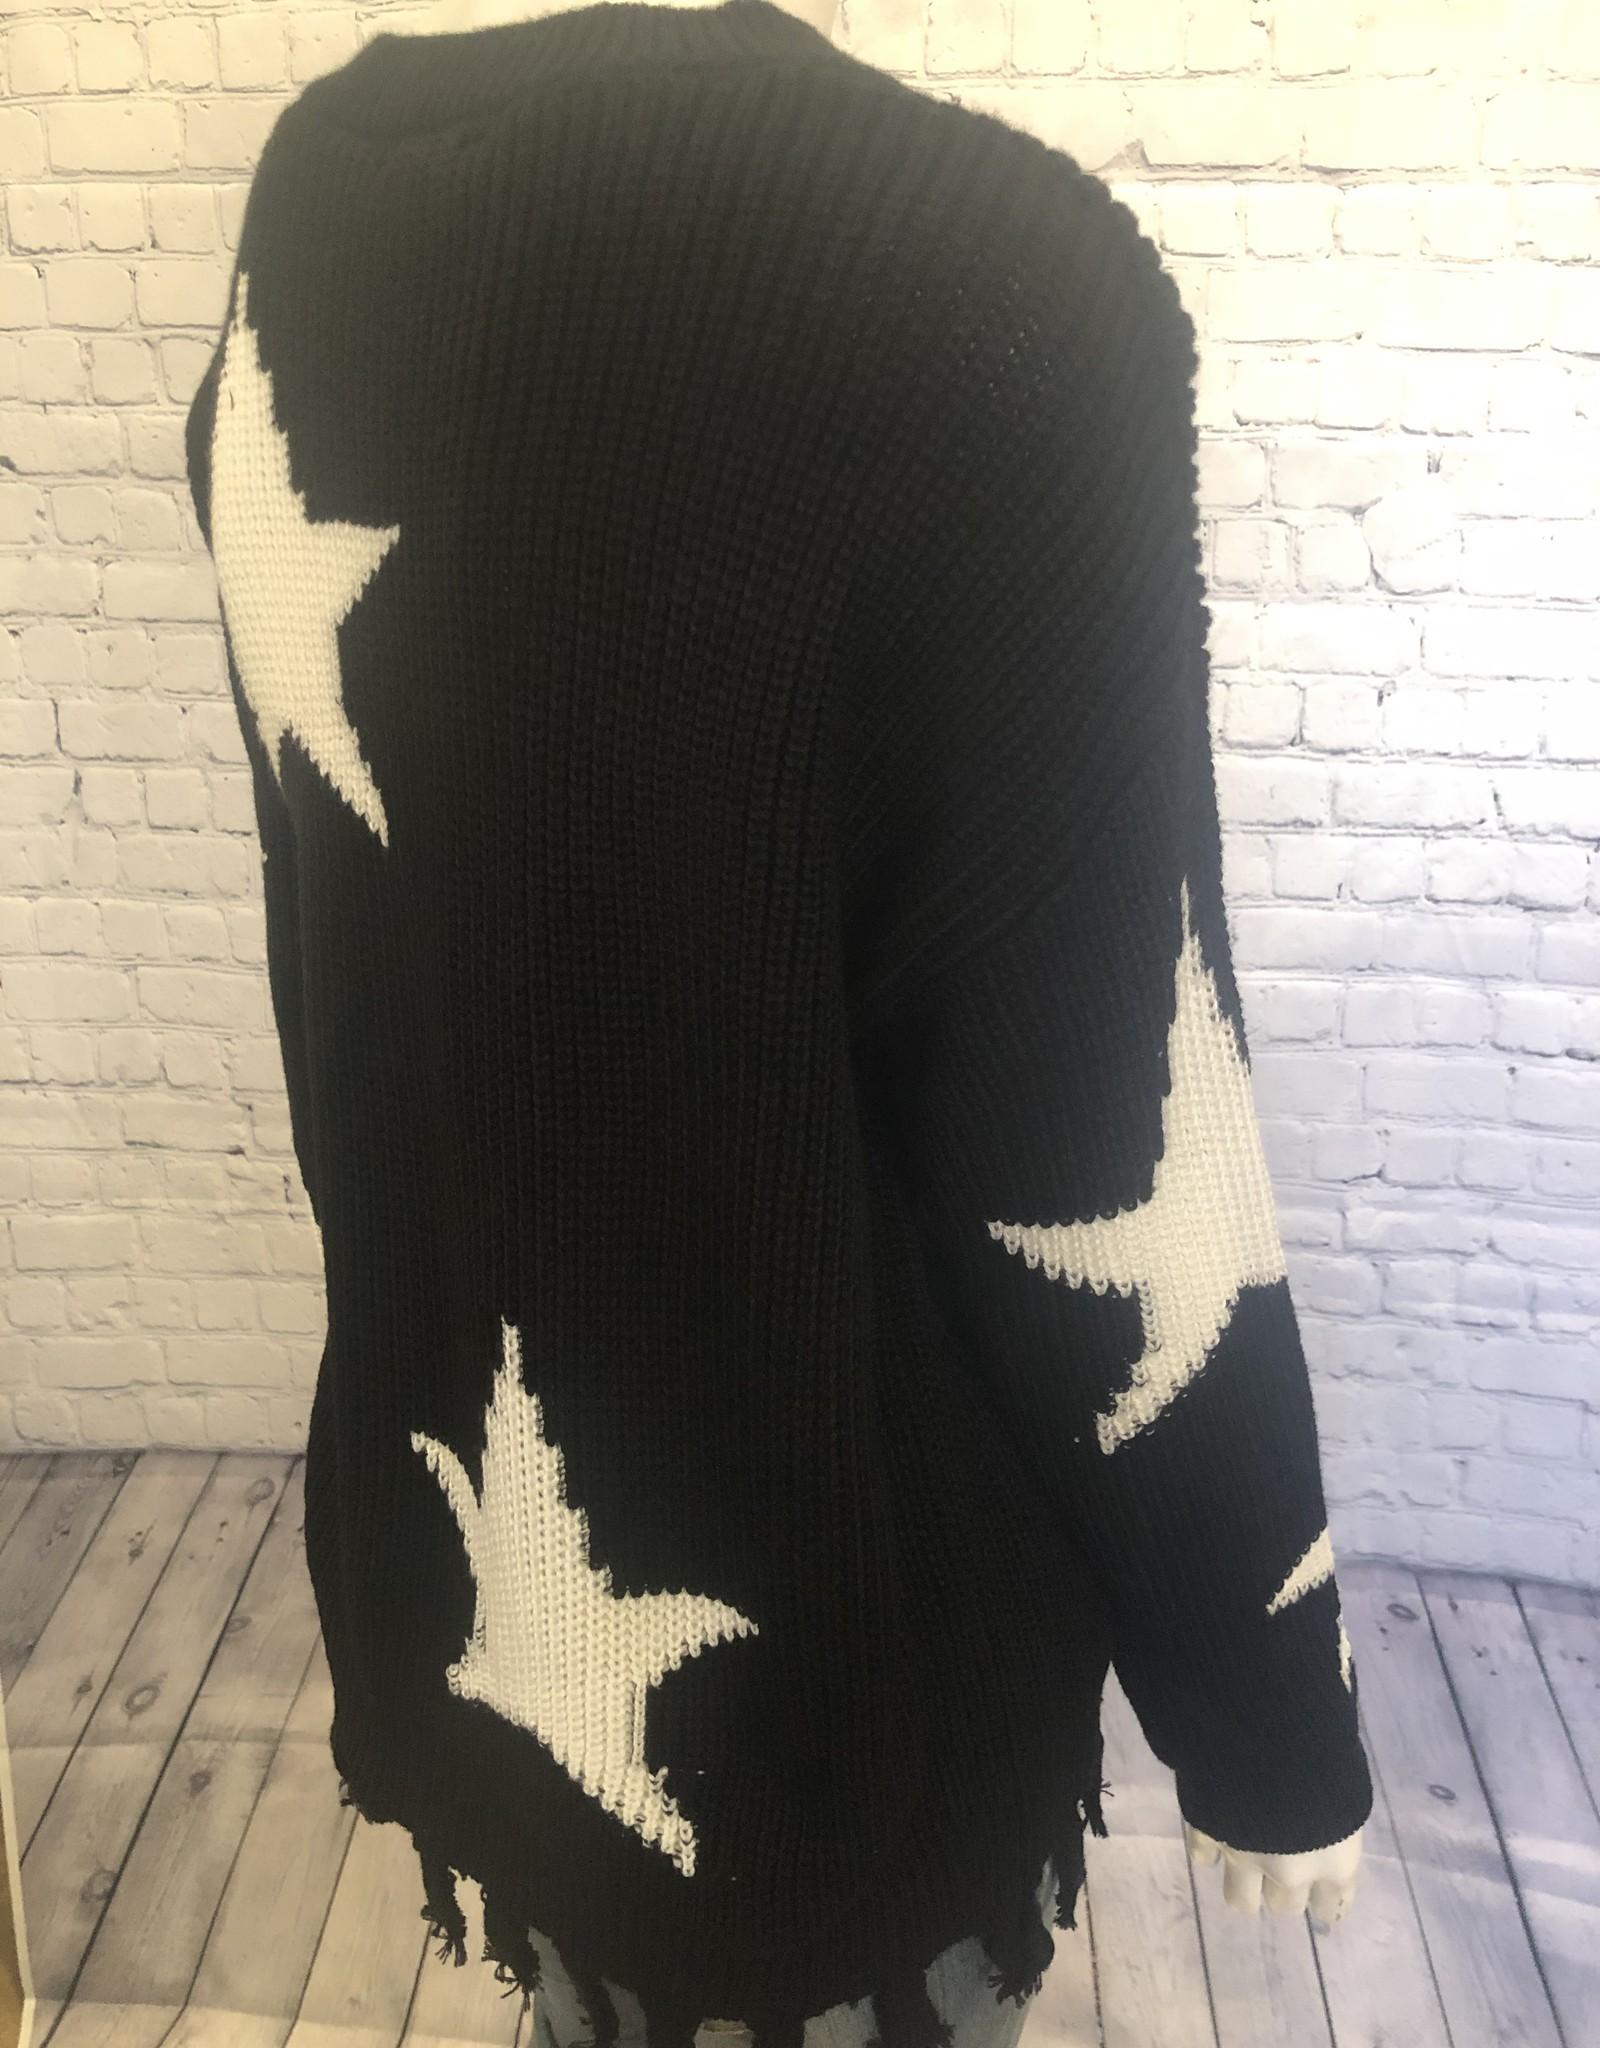 Katy Star Sweater